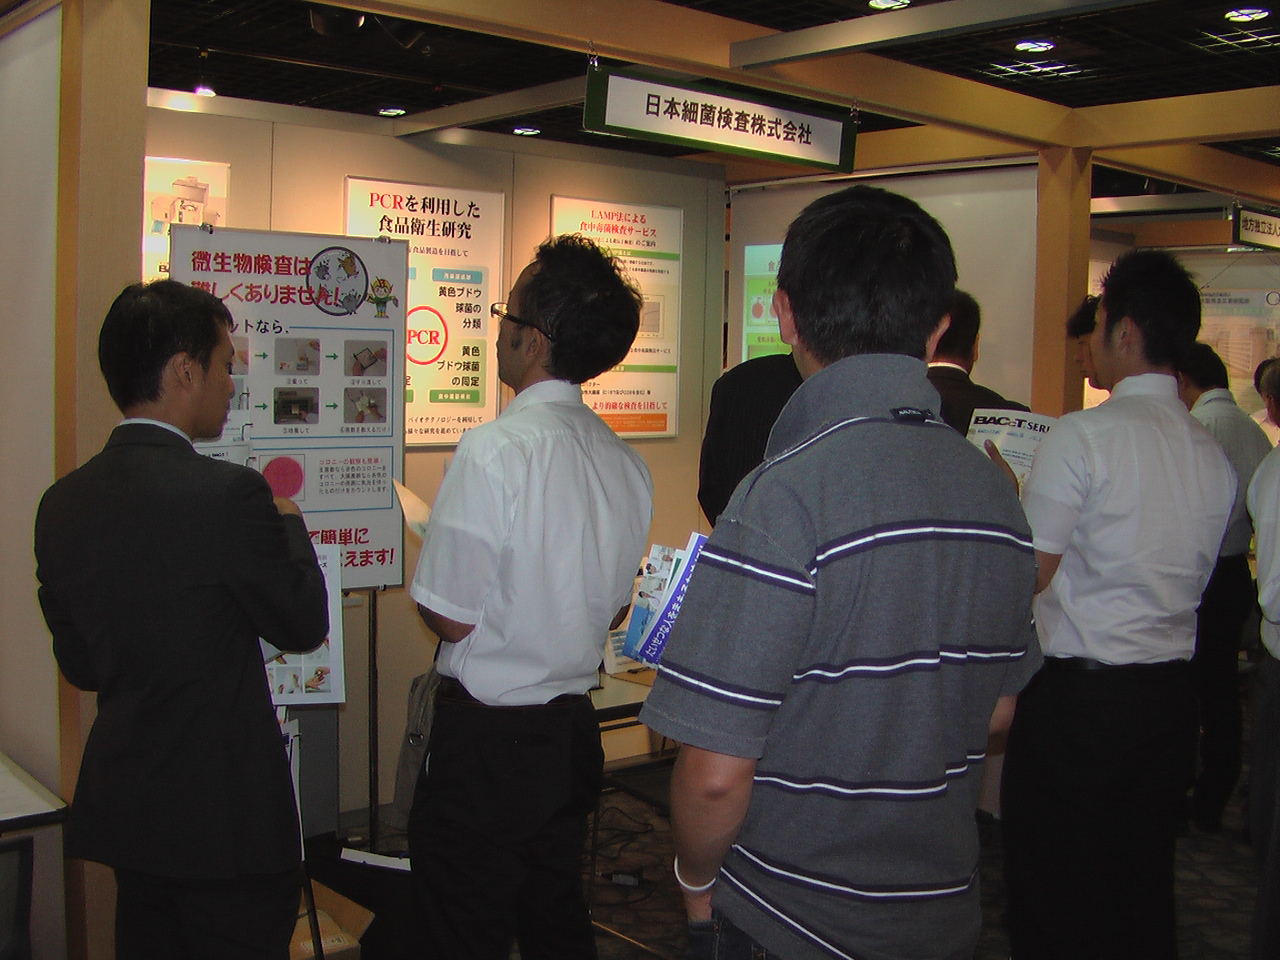 ものづくりビジネスマッチング展【衛生技術展】